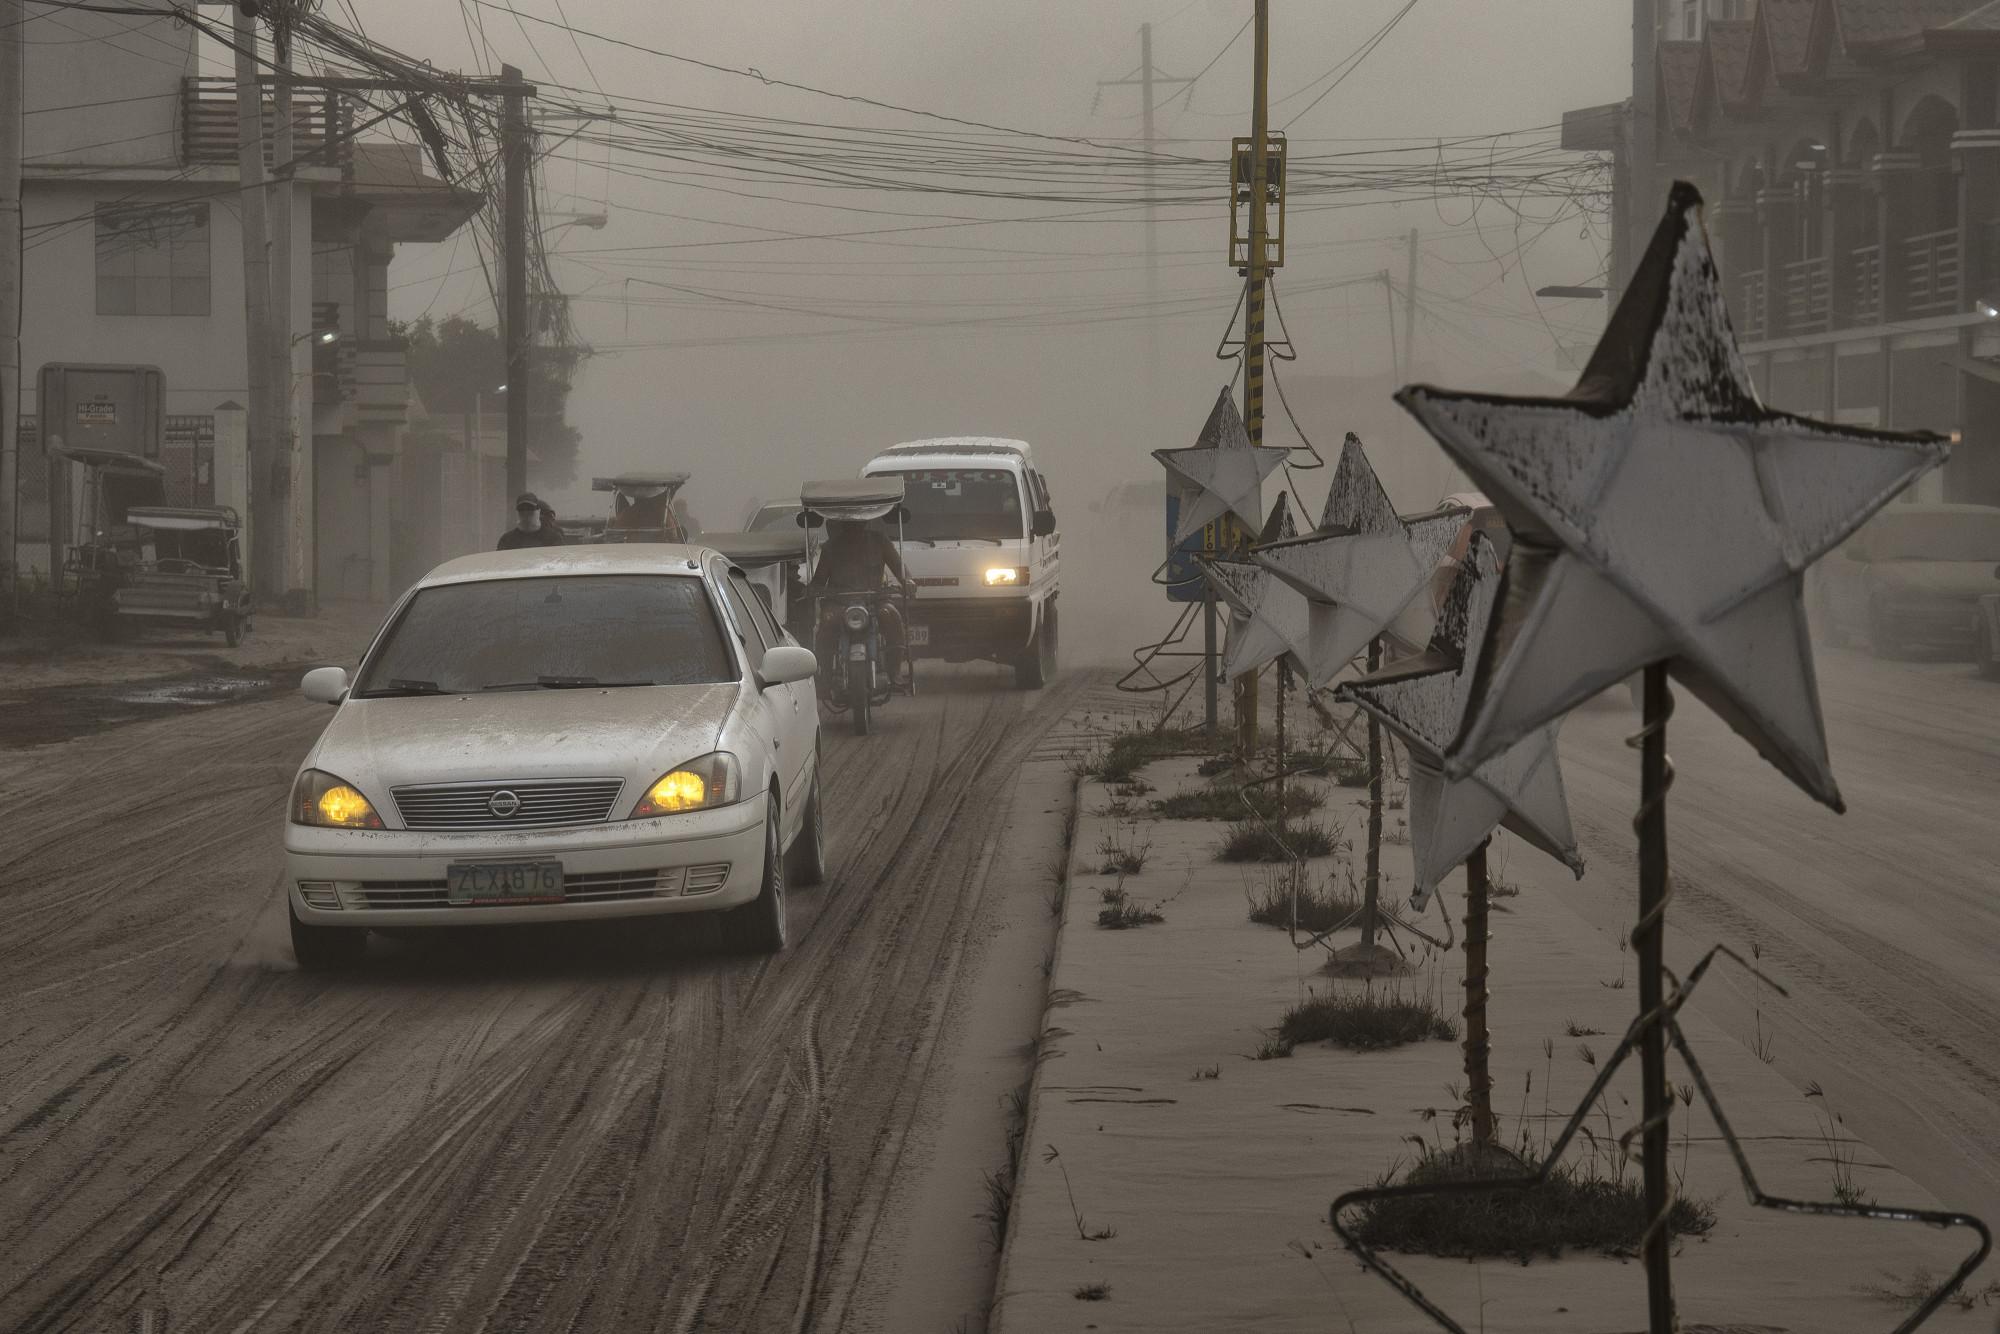 Những chiếc xe băng qua một con đường phủ đầy tro núi lửa từ vụ phun trào của núi lửa Taal vào ngày 13 tháng 1 năm 2020, ở Lemery, tỉnh Batangas, Philippines. Hình của Ezra Acayan (nguồn: Getty Images)